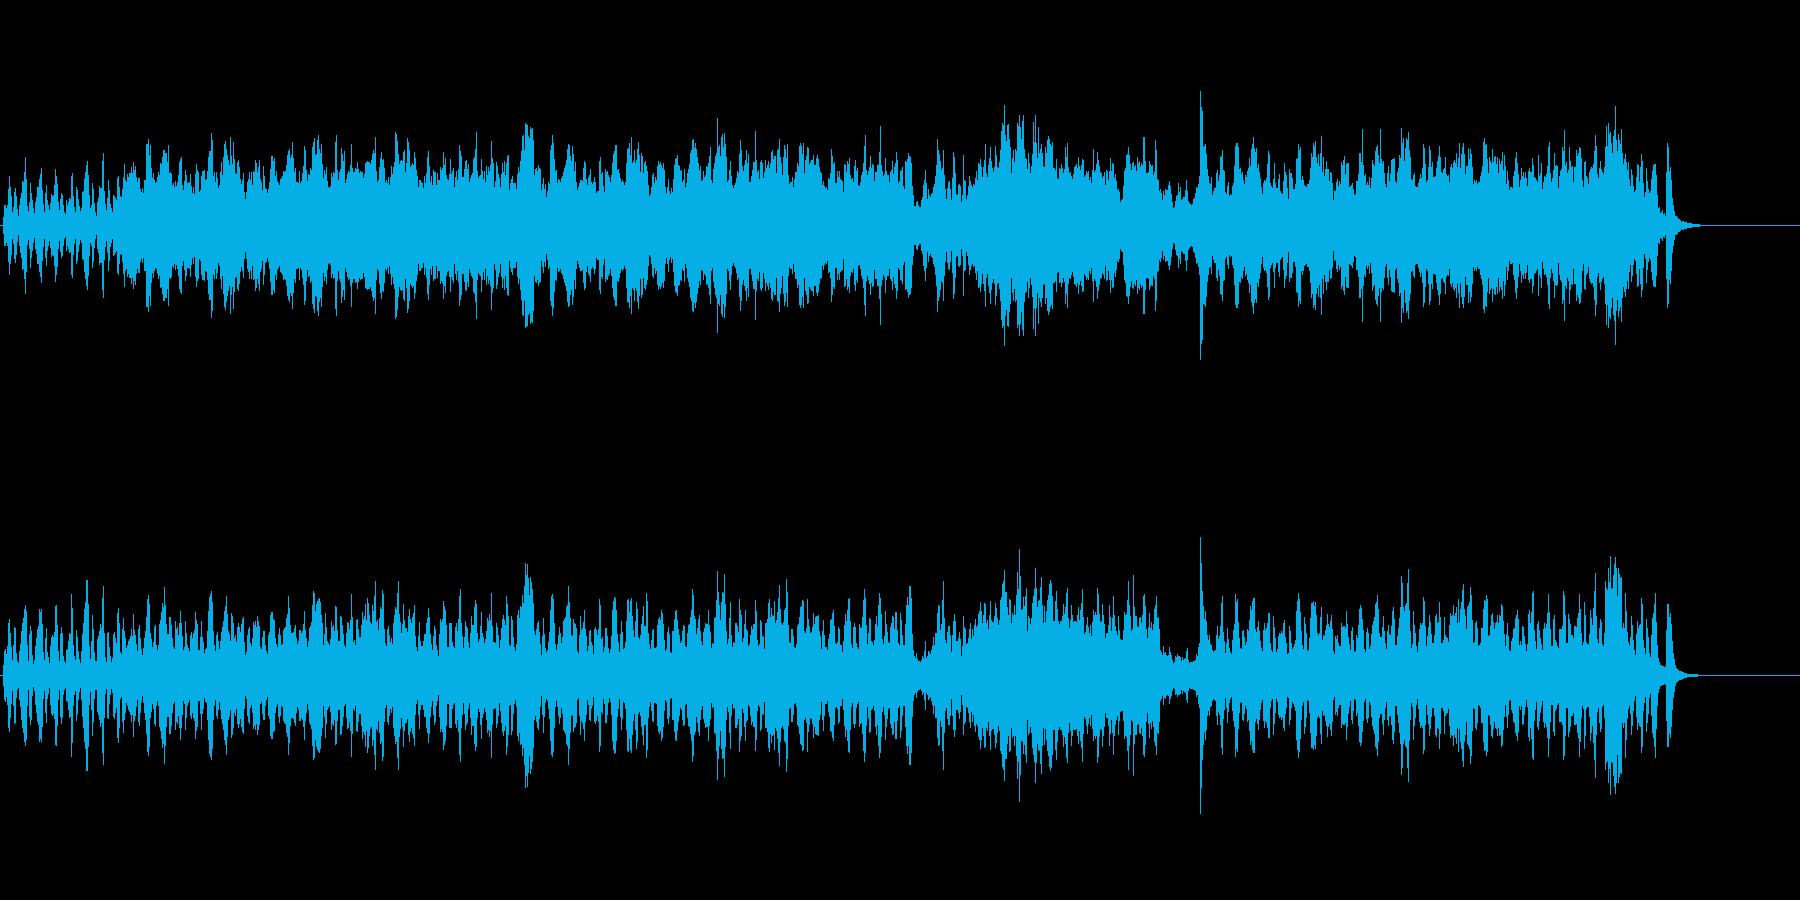 流れるようなストリングスの調べの再生済みの波形